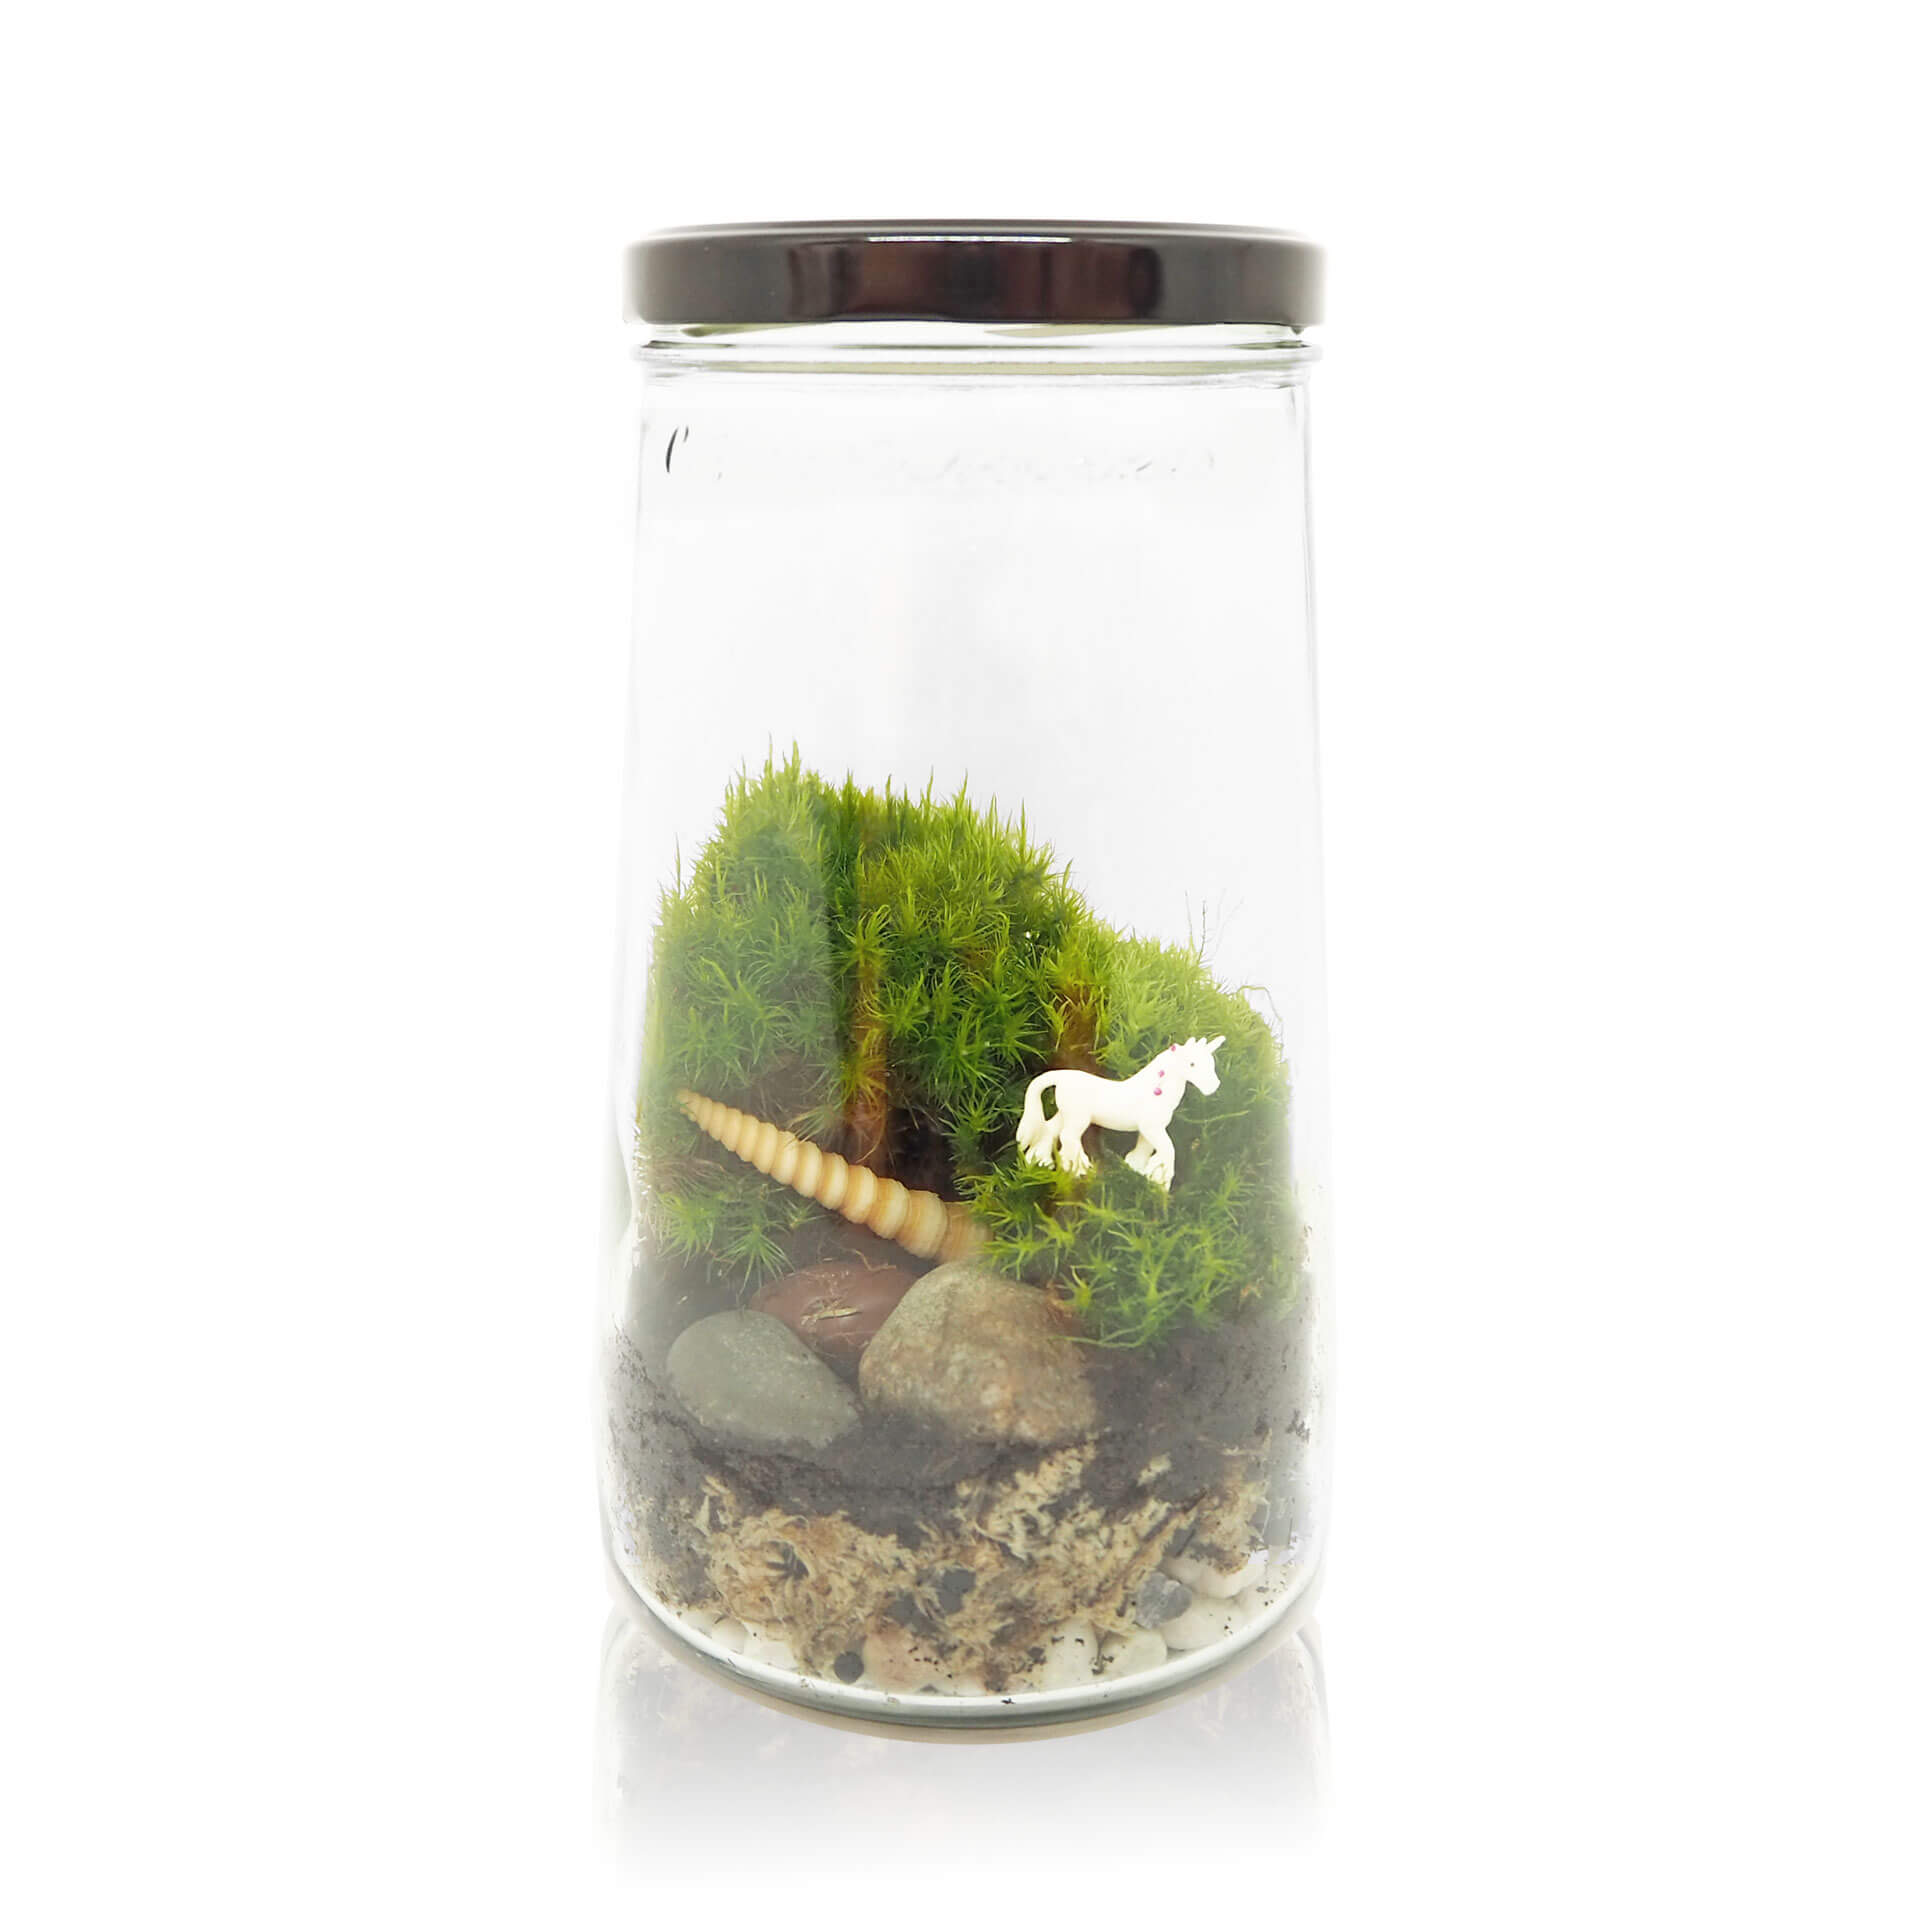 flessentuin kopen eenhoorn zelfmaak kit medium kesbeke pot inspickle ecosysteem